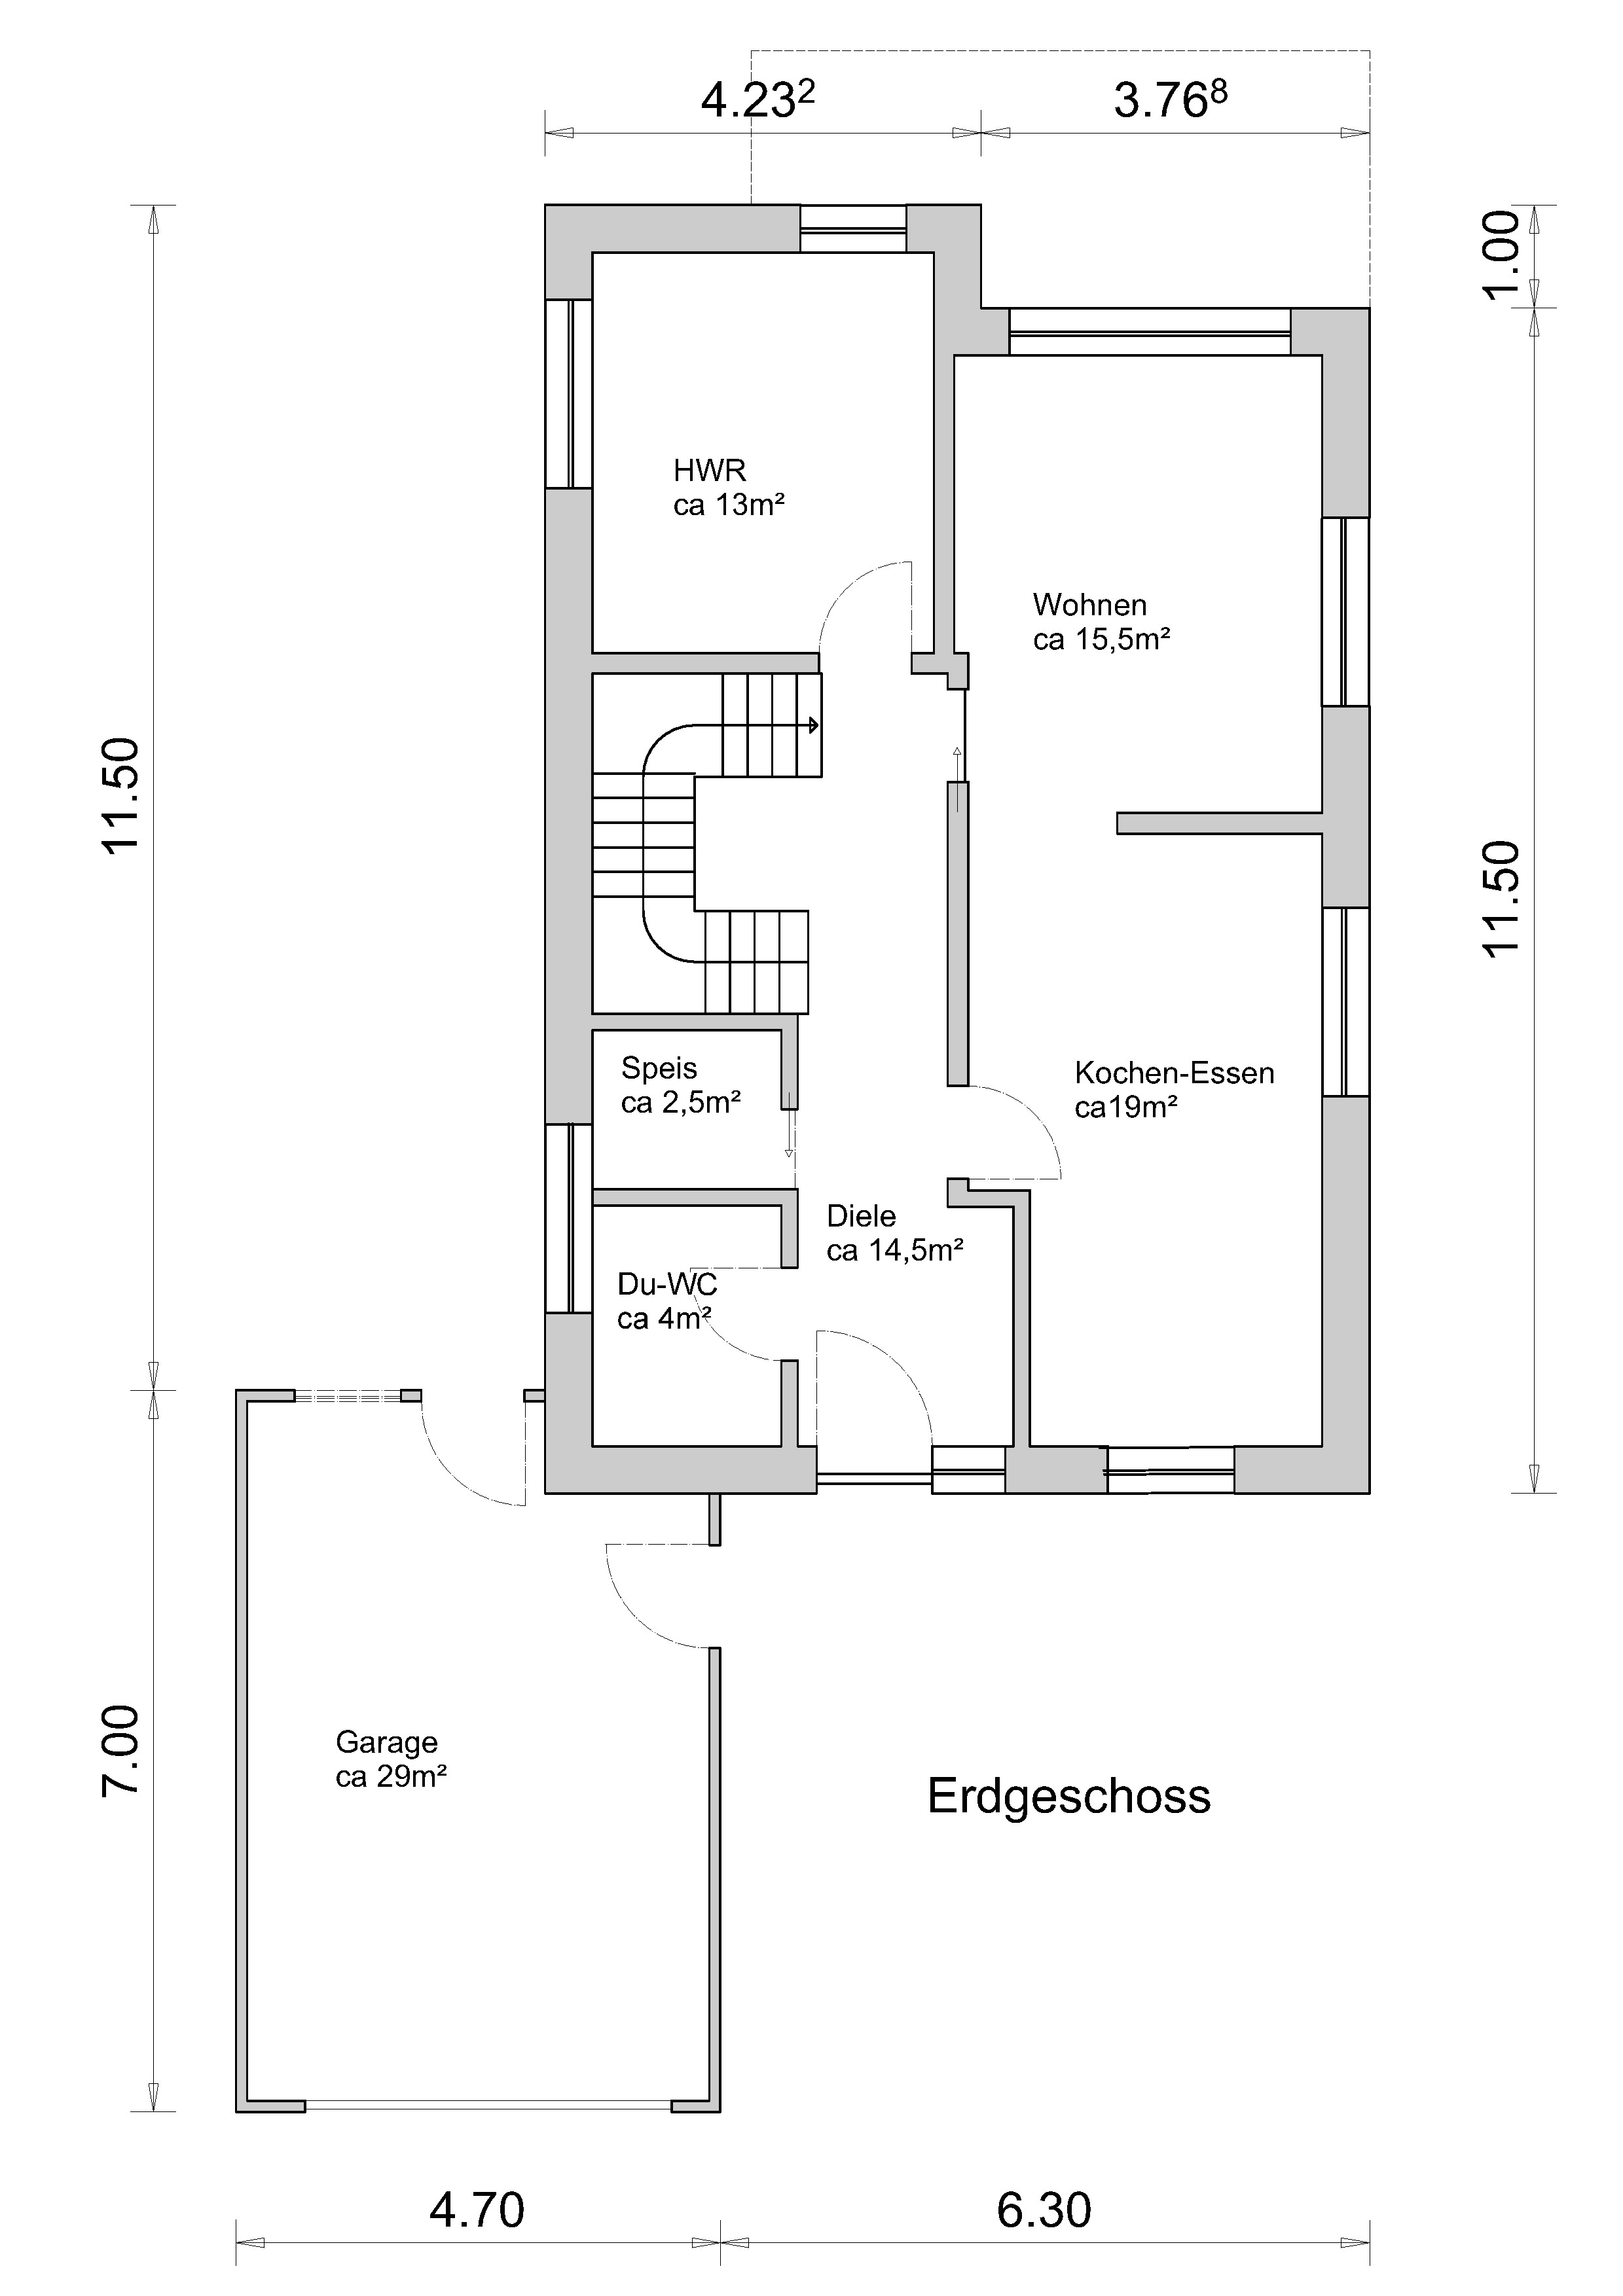 Link zum Planungsdetail Erdgeschoss